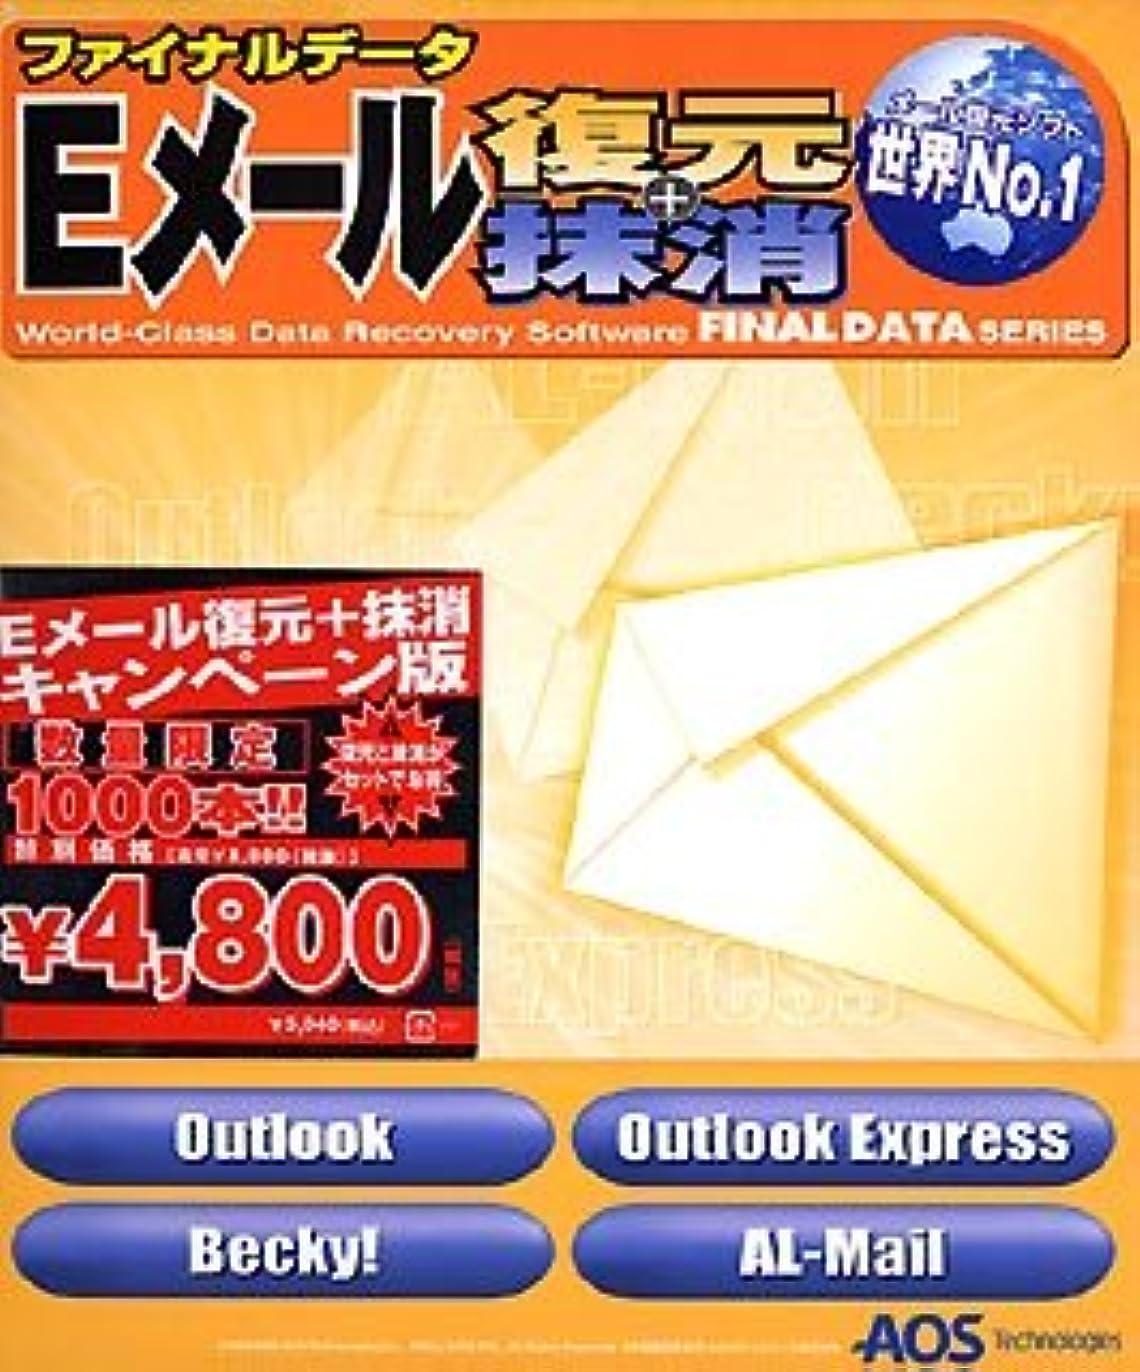 不透明な香り祖先ファイナルデータ Eメール復元 + 抹消 キャンペーン版